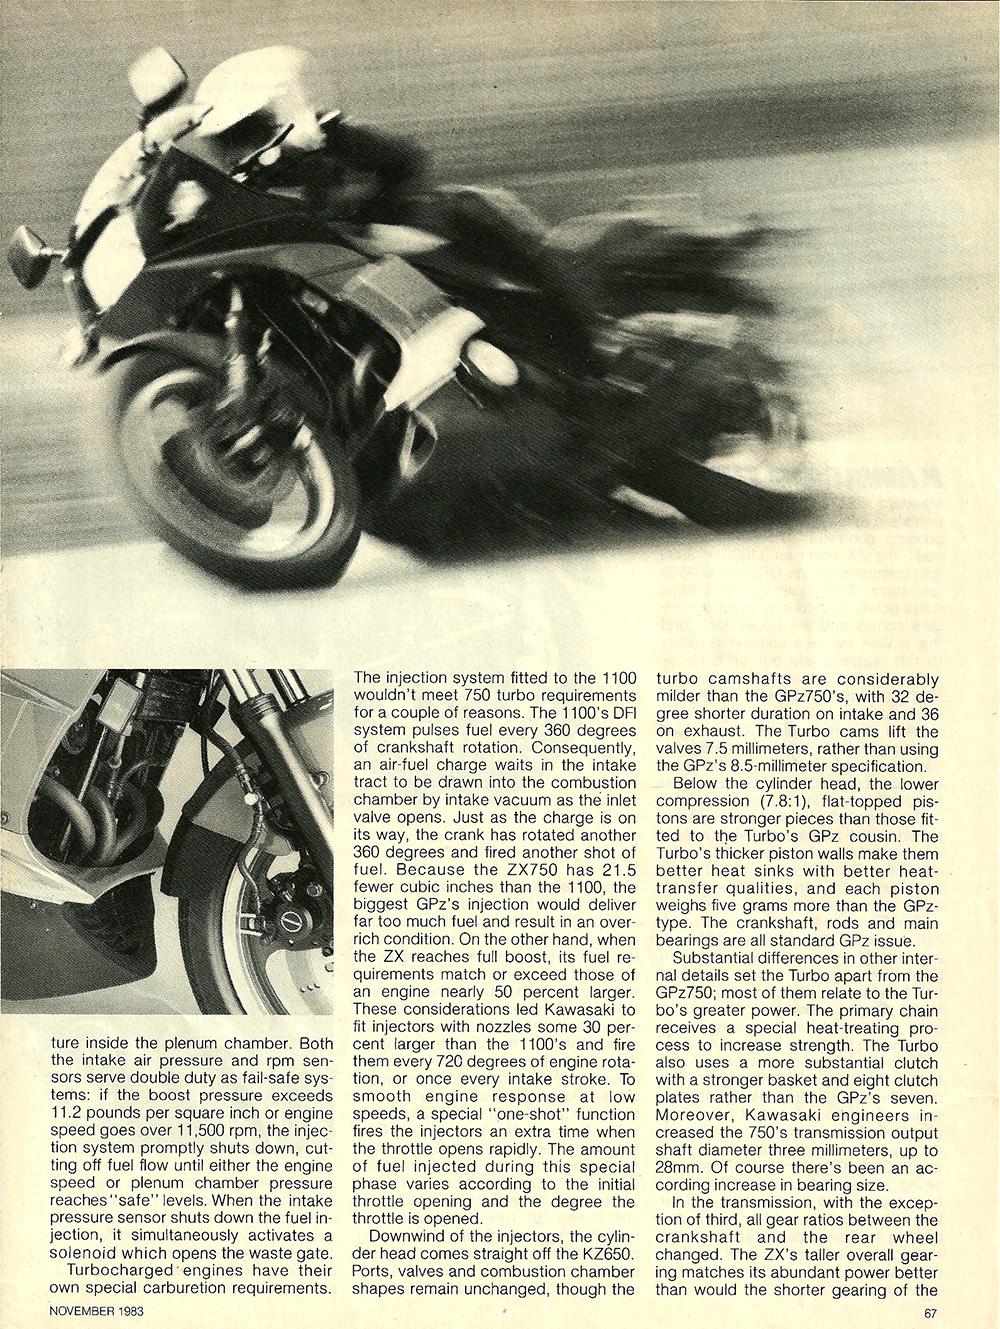 1984 Kawasaki ZX750E1 turbo road test 4.jpg